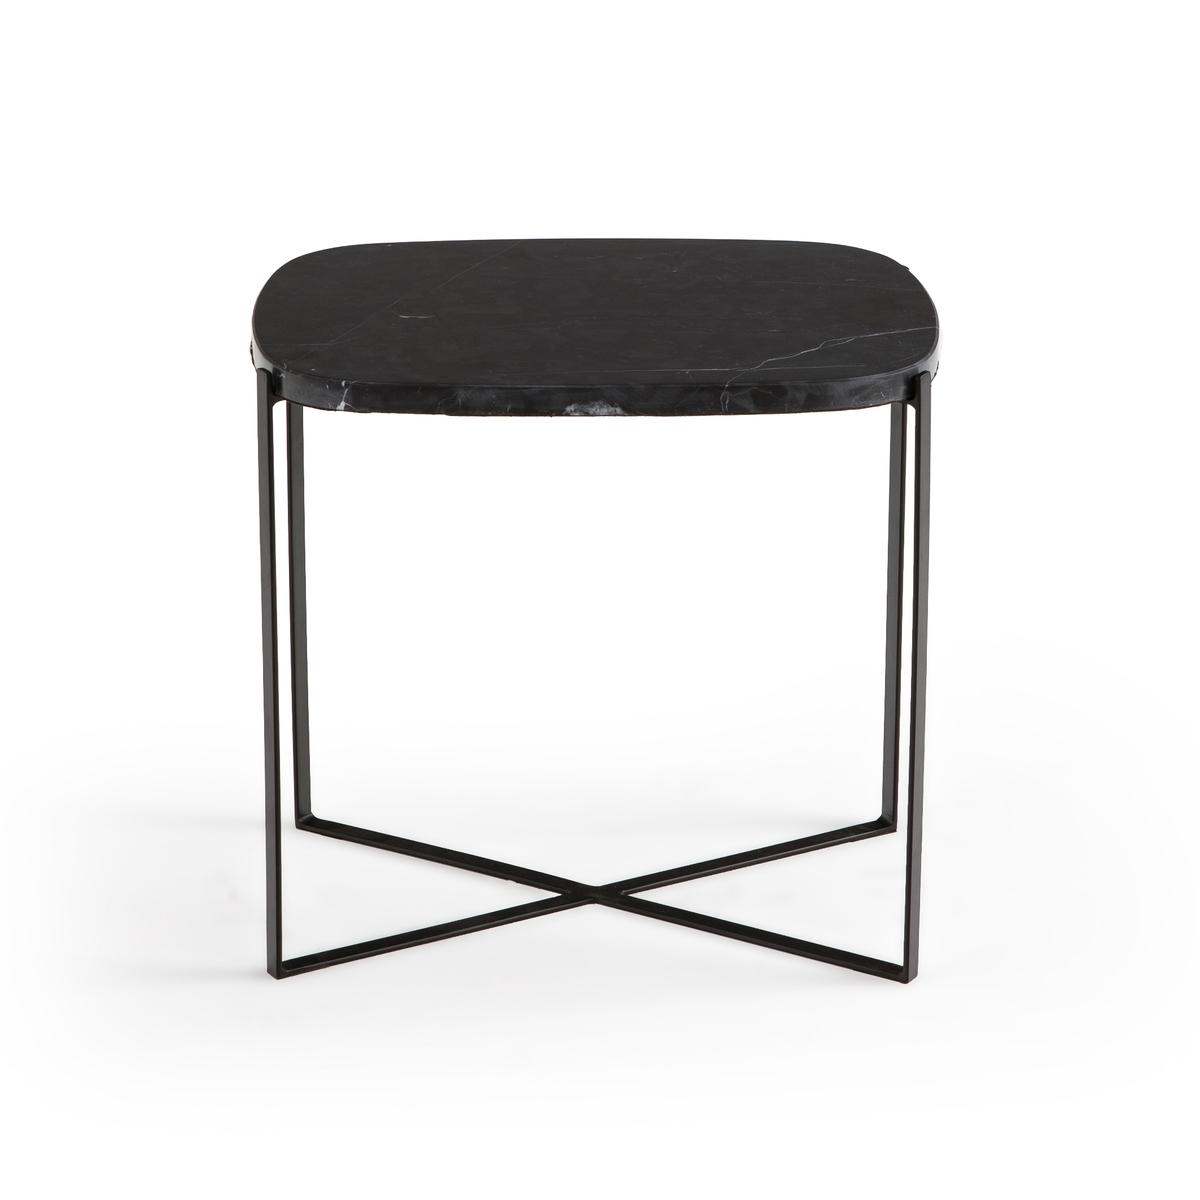 Столик La Redoute Диванный органической формы из мрамора Arambol единый размер черный столик журнальный из мрамора овальной формы arambol